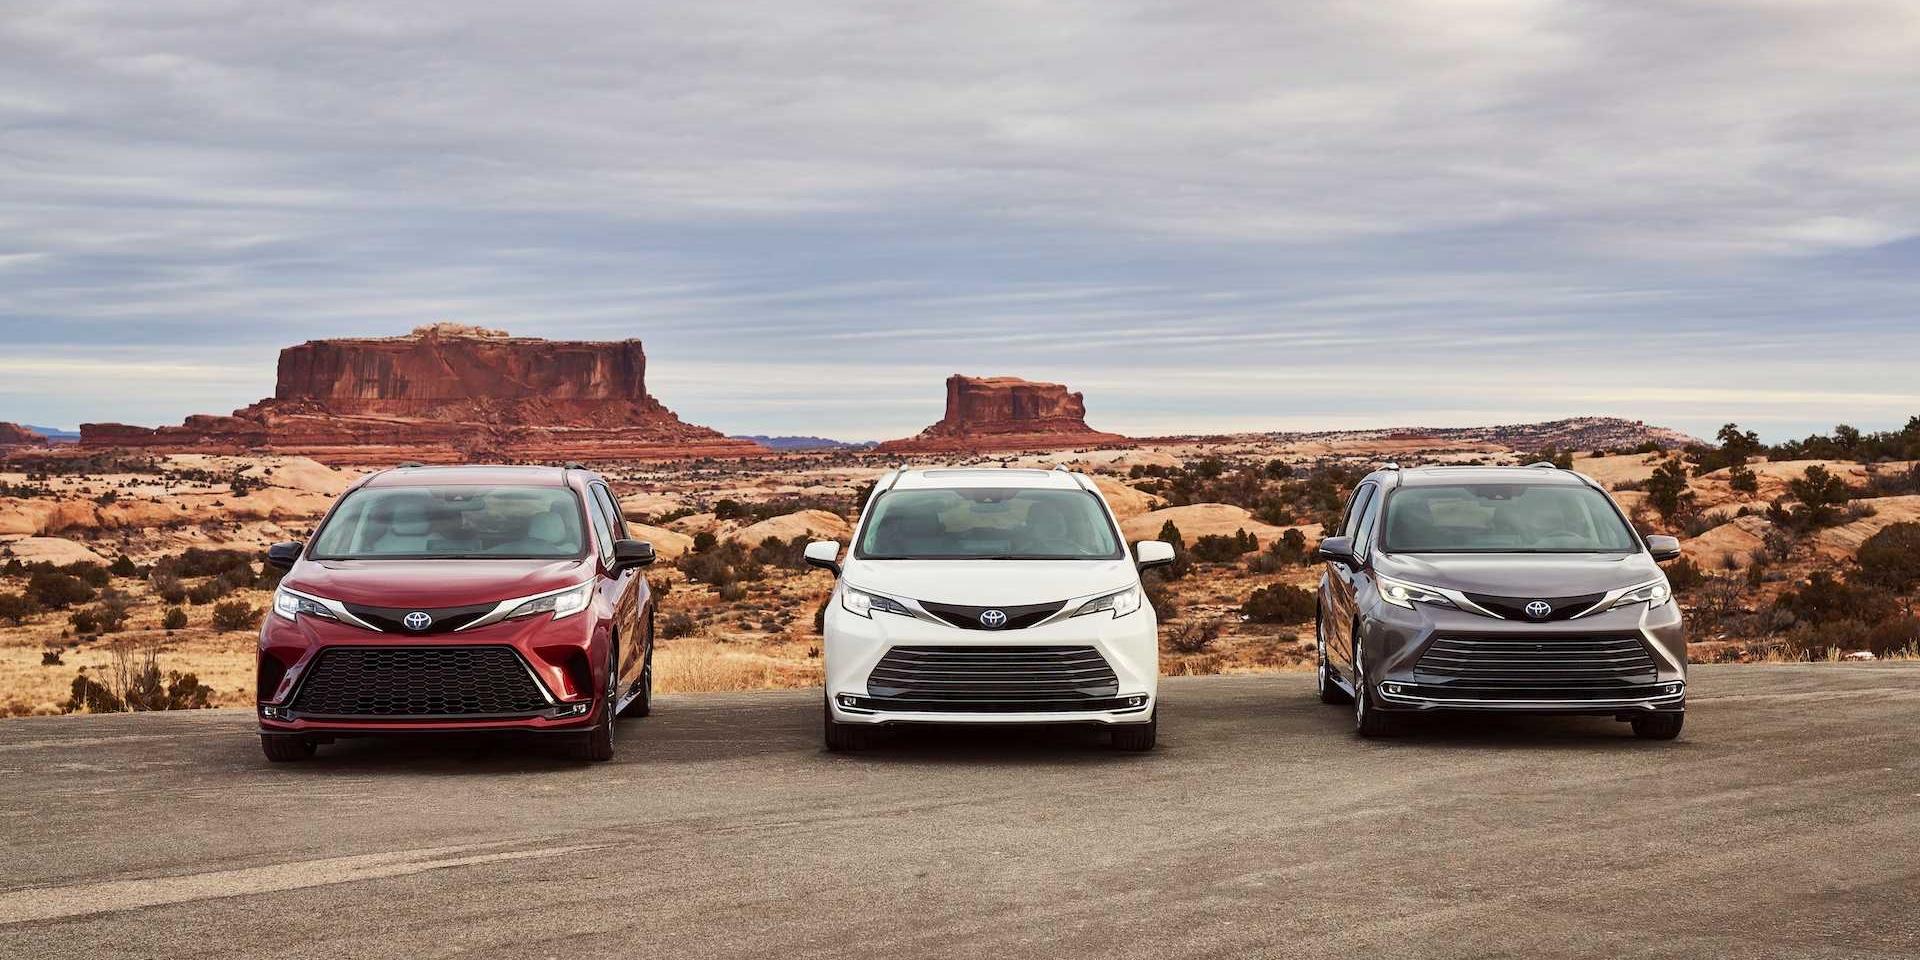 Toyota大改款Sienna亮相!運動化之外更配置油電系統!